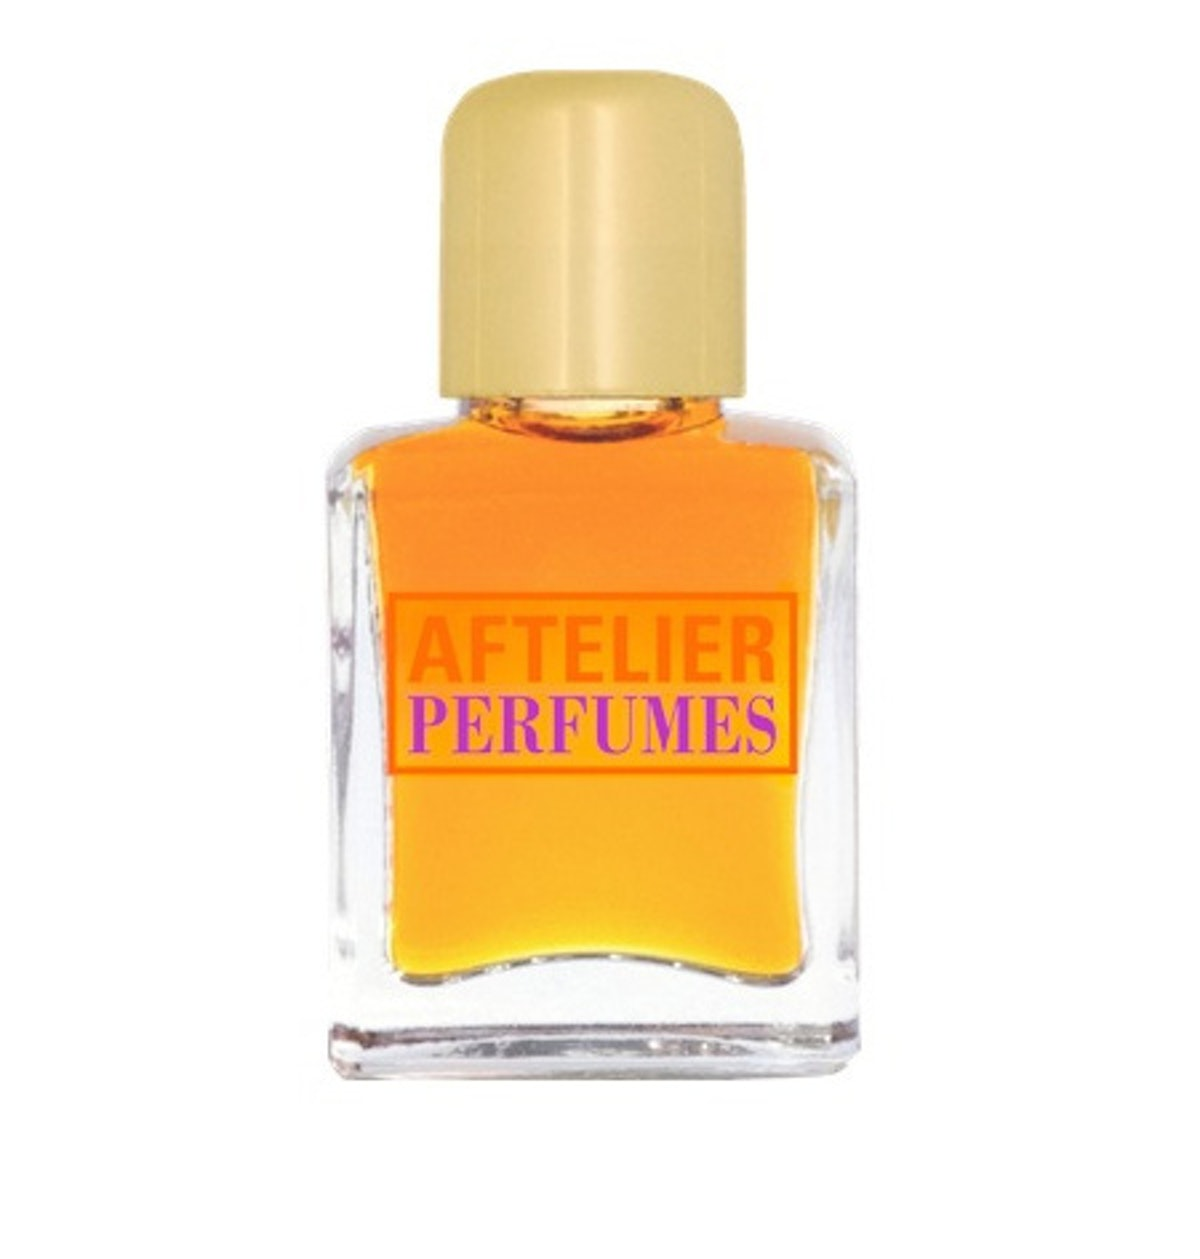 Aftelier Perfumes Cuir de Gardenia